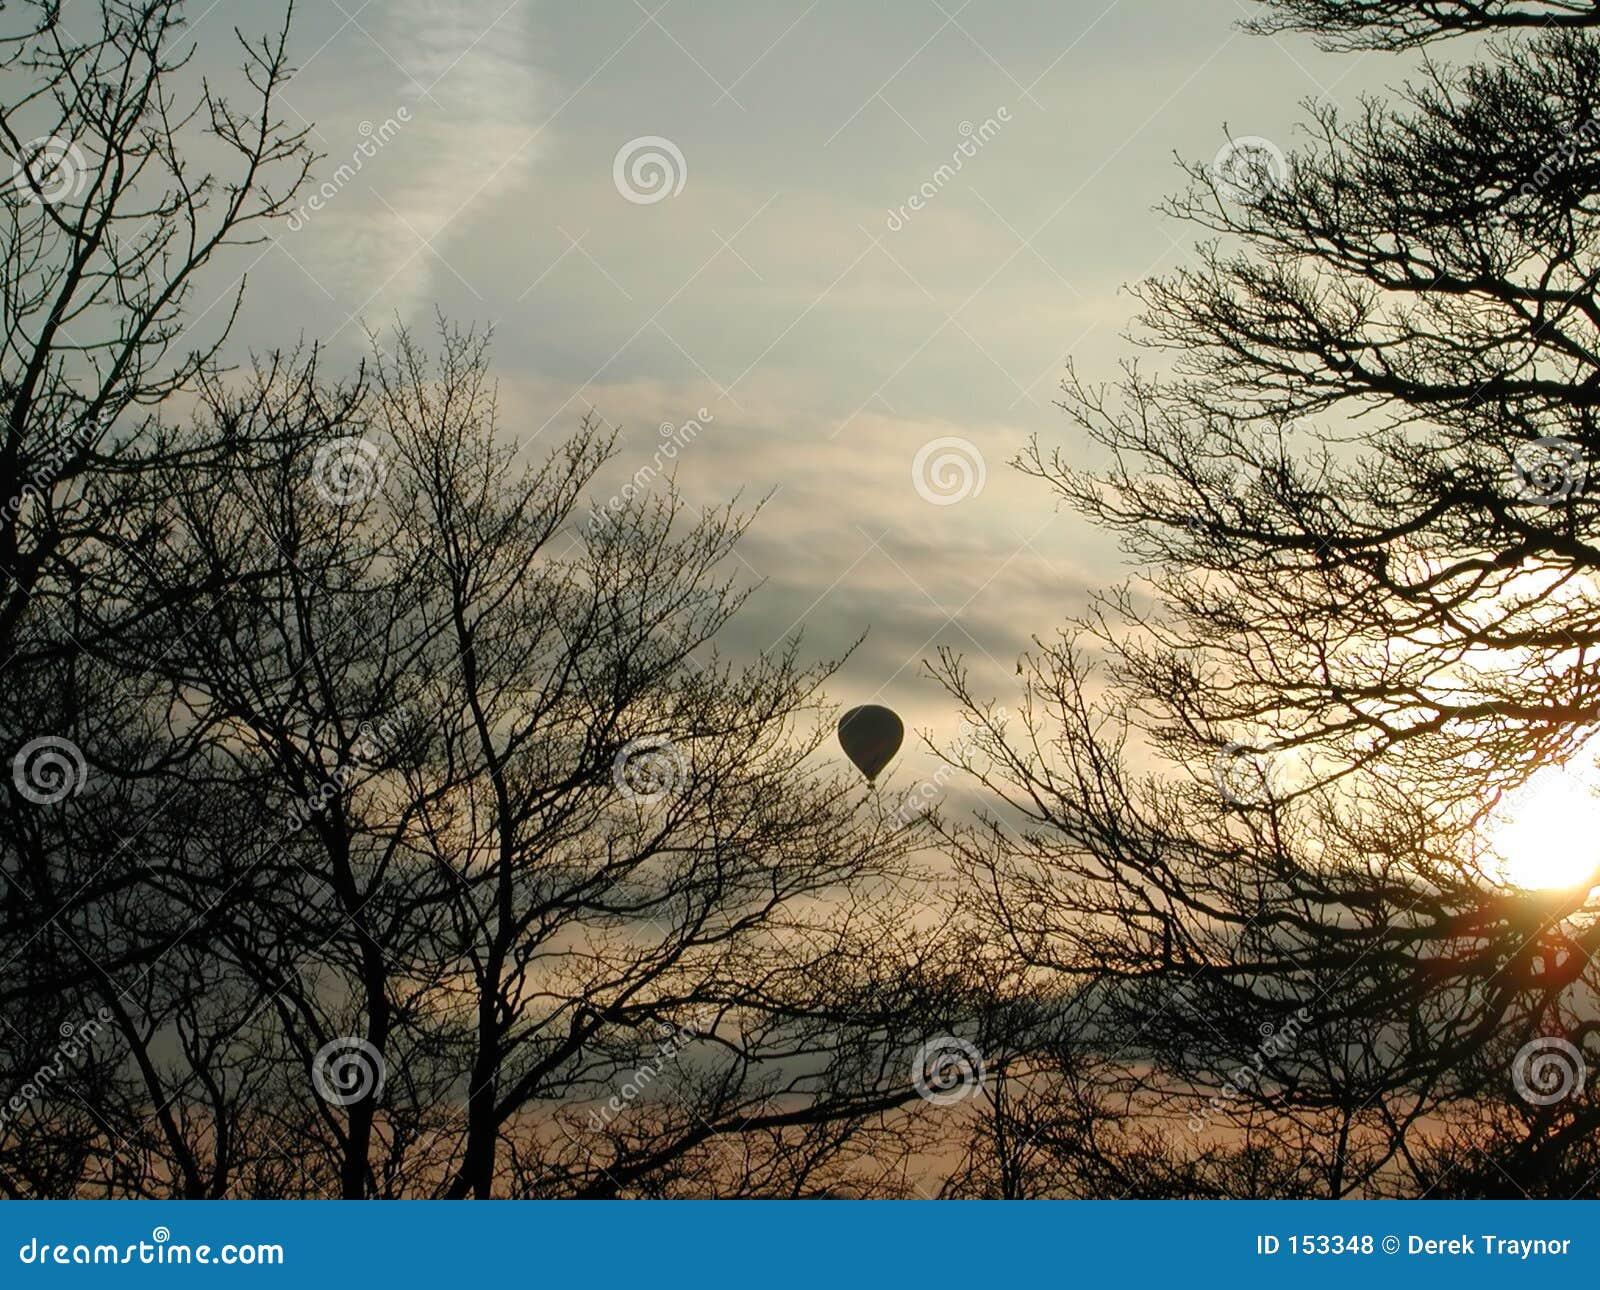 Balloon between trees